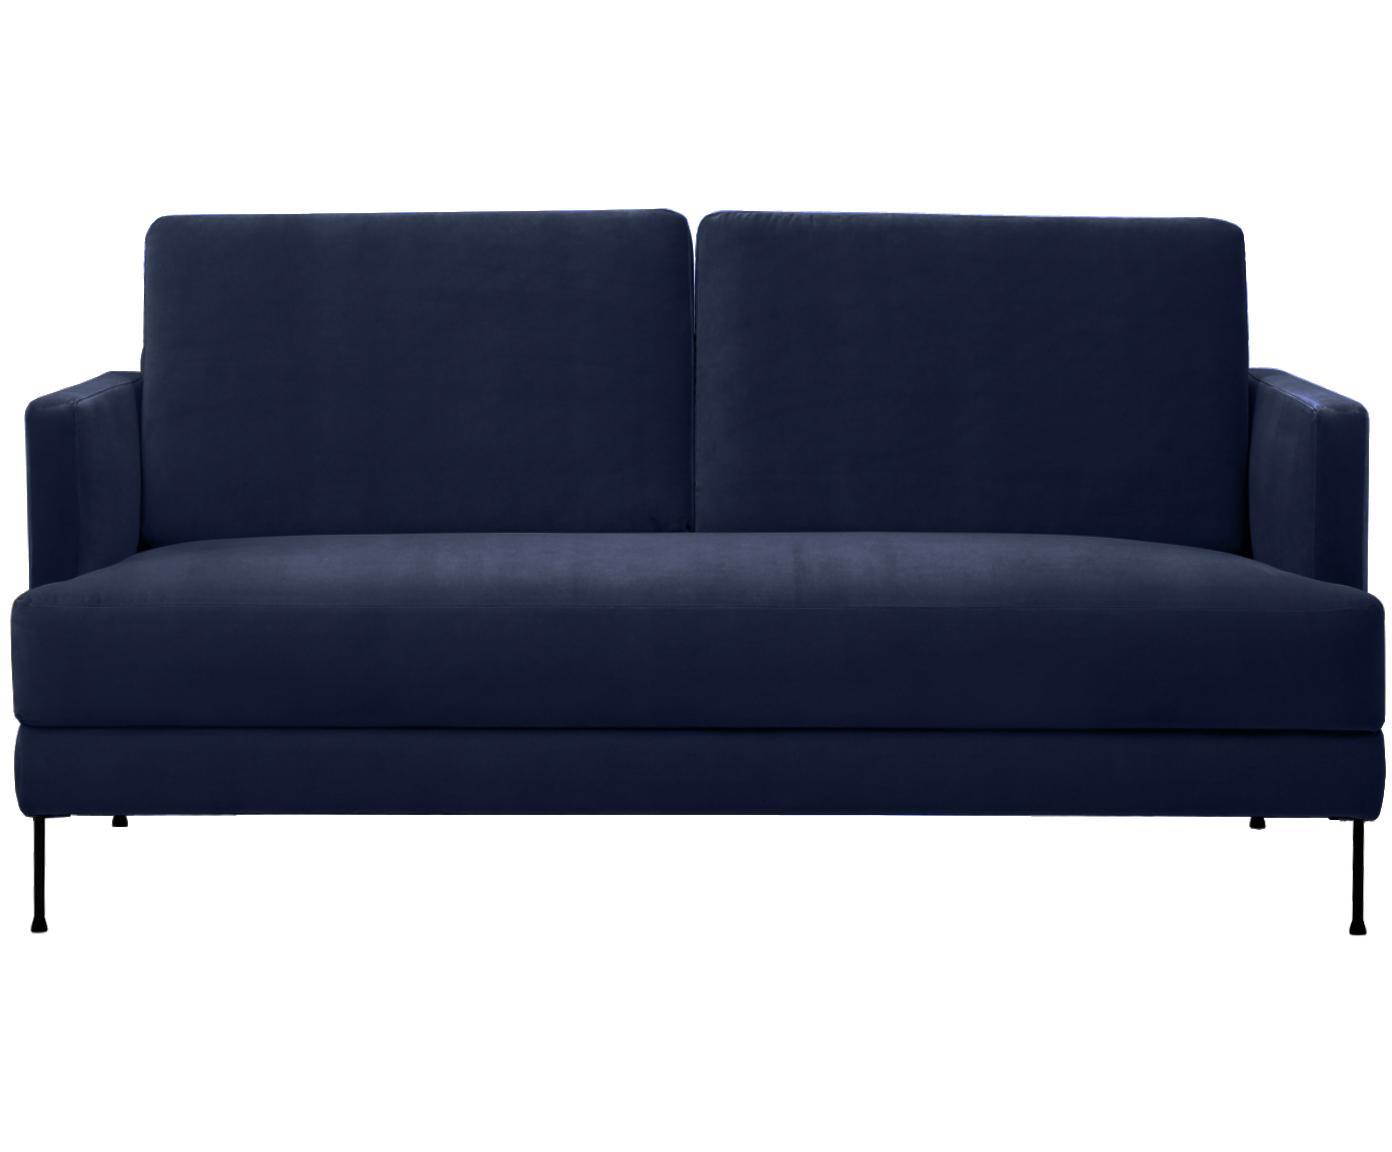 Sofa z aksamitu Fluente (2-osobowa), Tapicerka: aksamit (wysokiej jakości, Stelaż: lite drewno sosnowe, Nogi: metal lakierowany, Aksamitny ciemny niebieski, S 168 x G 83 cm